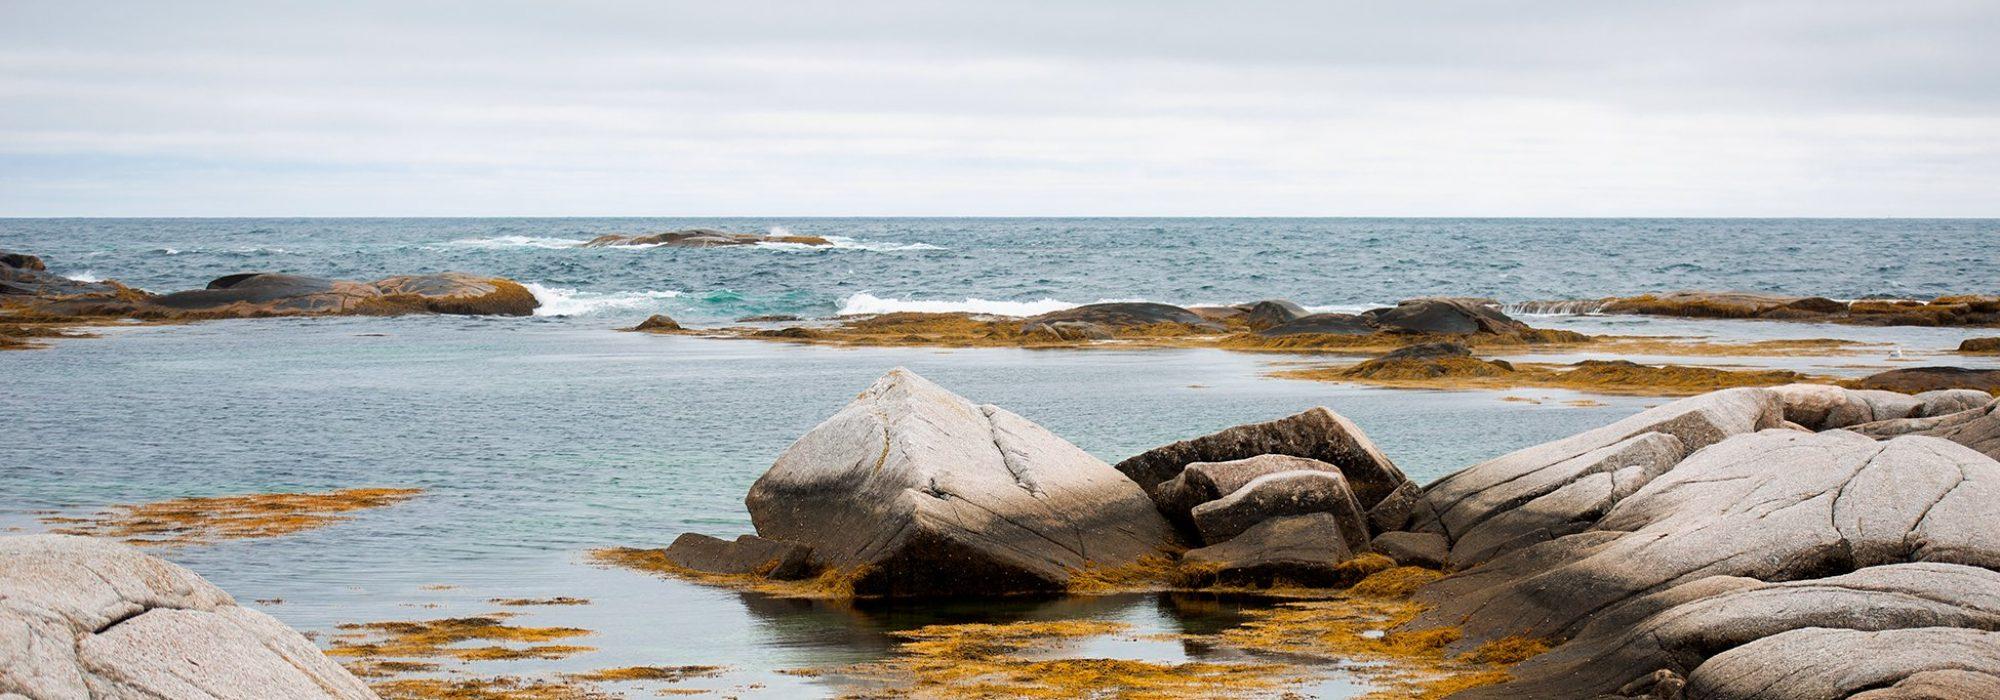 yellow-seaweed-on-ocean-rocks